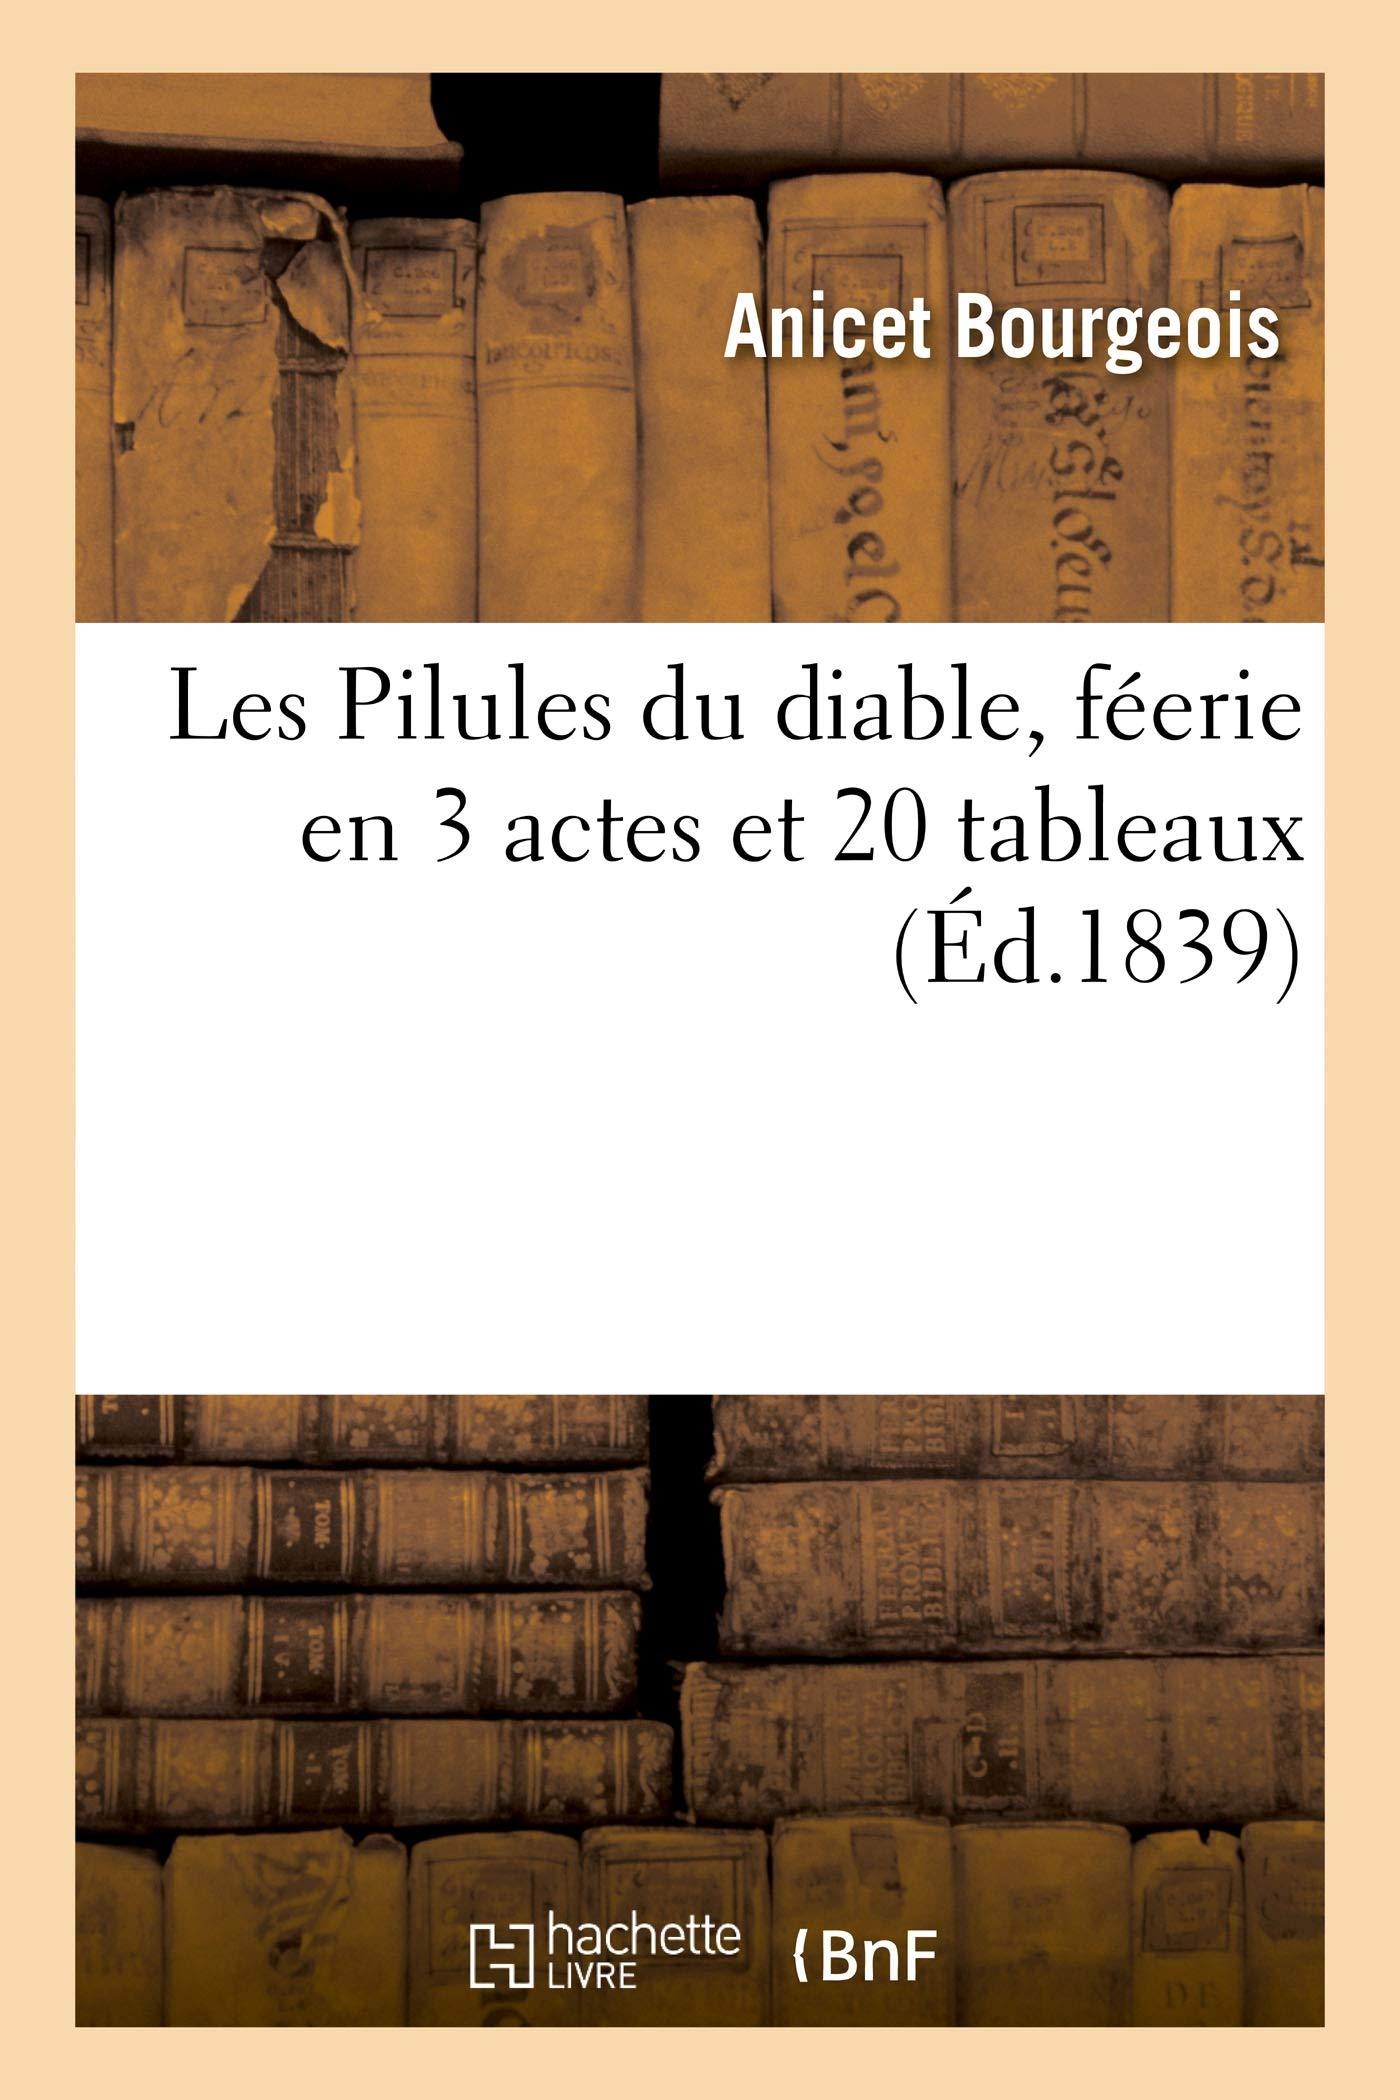 Amazon Fr Les Pilules Du Diable Feerie En 3 Actes Et 20 Tableaux Cirque Olympique Paris 16 Fevrier 1839 Bourgeois Anicet Livres